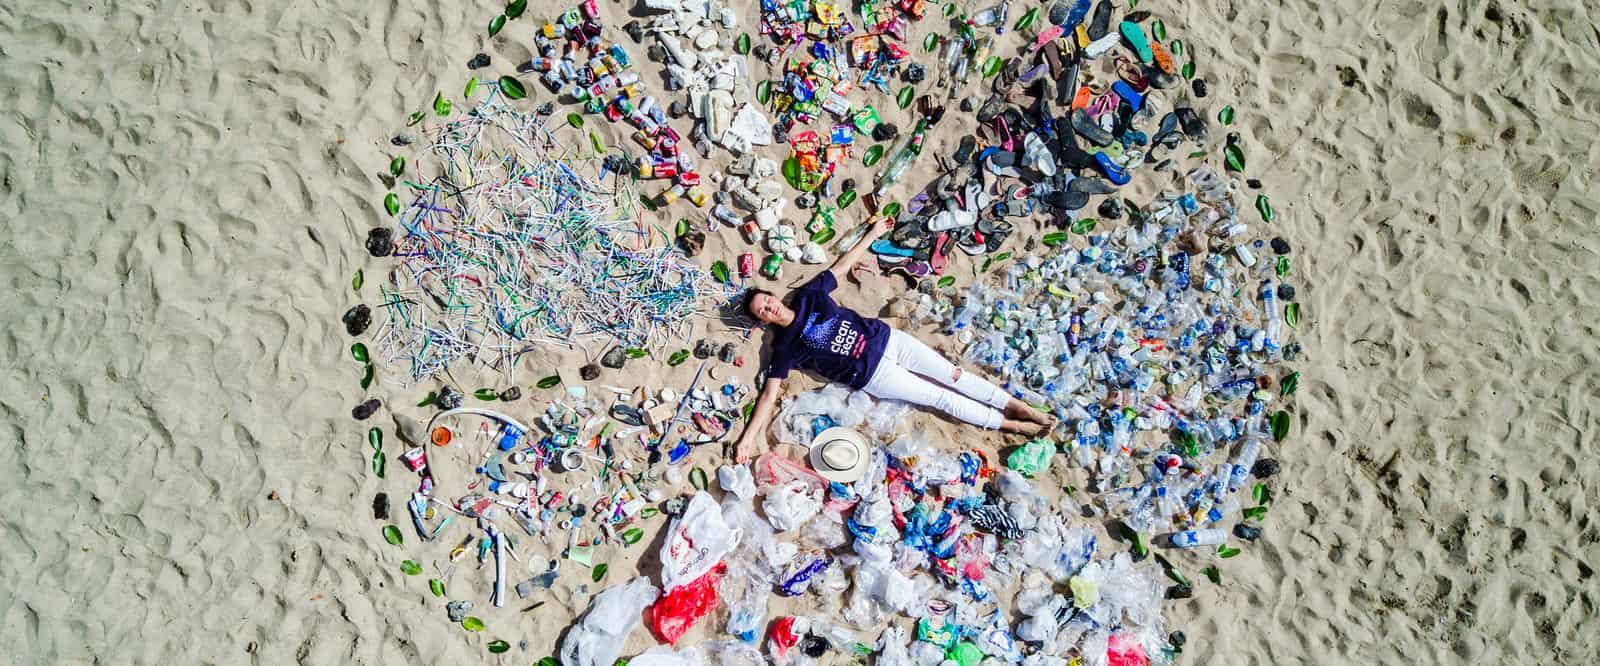 , A Marseille, forte mobilisation citoyenne pour la Semaine européenne de la réduction des déchets, Made in Marseille